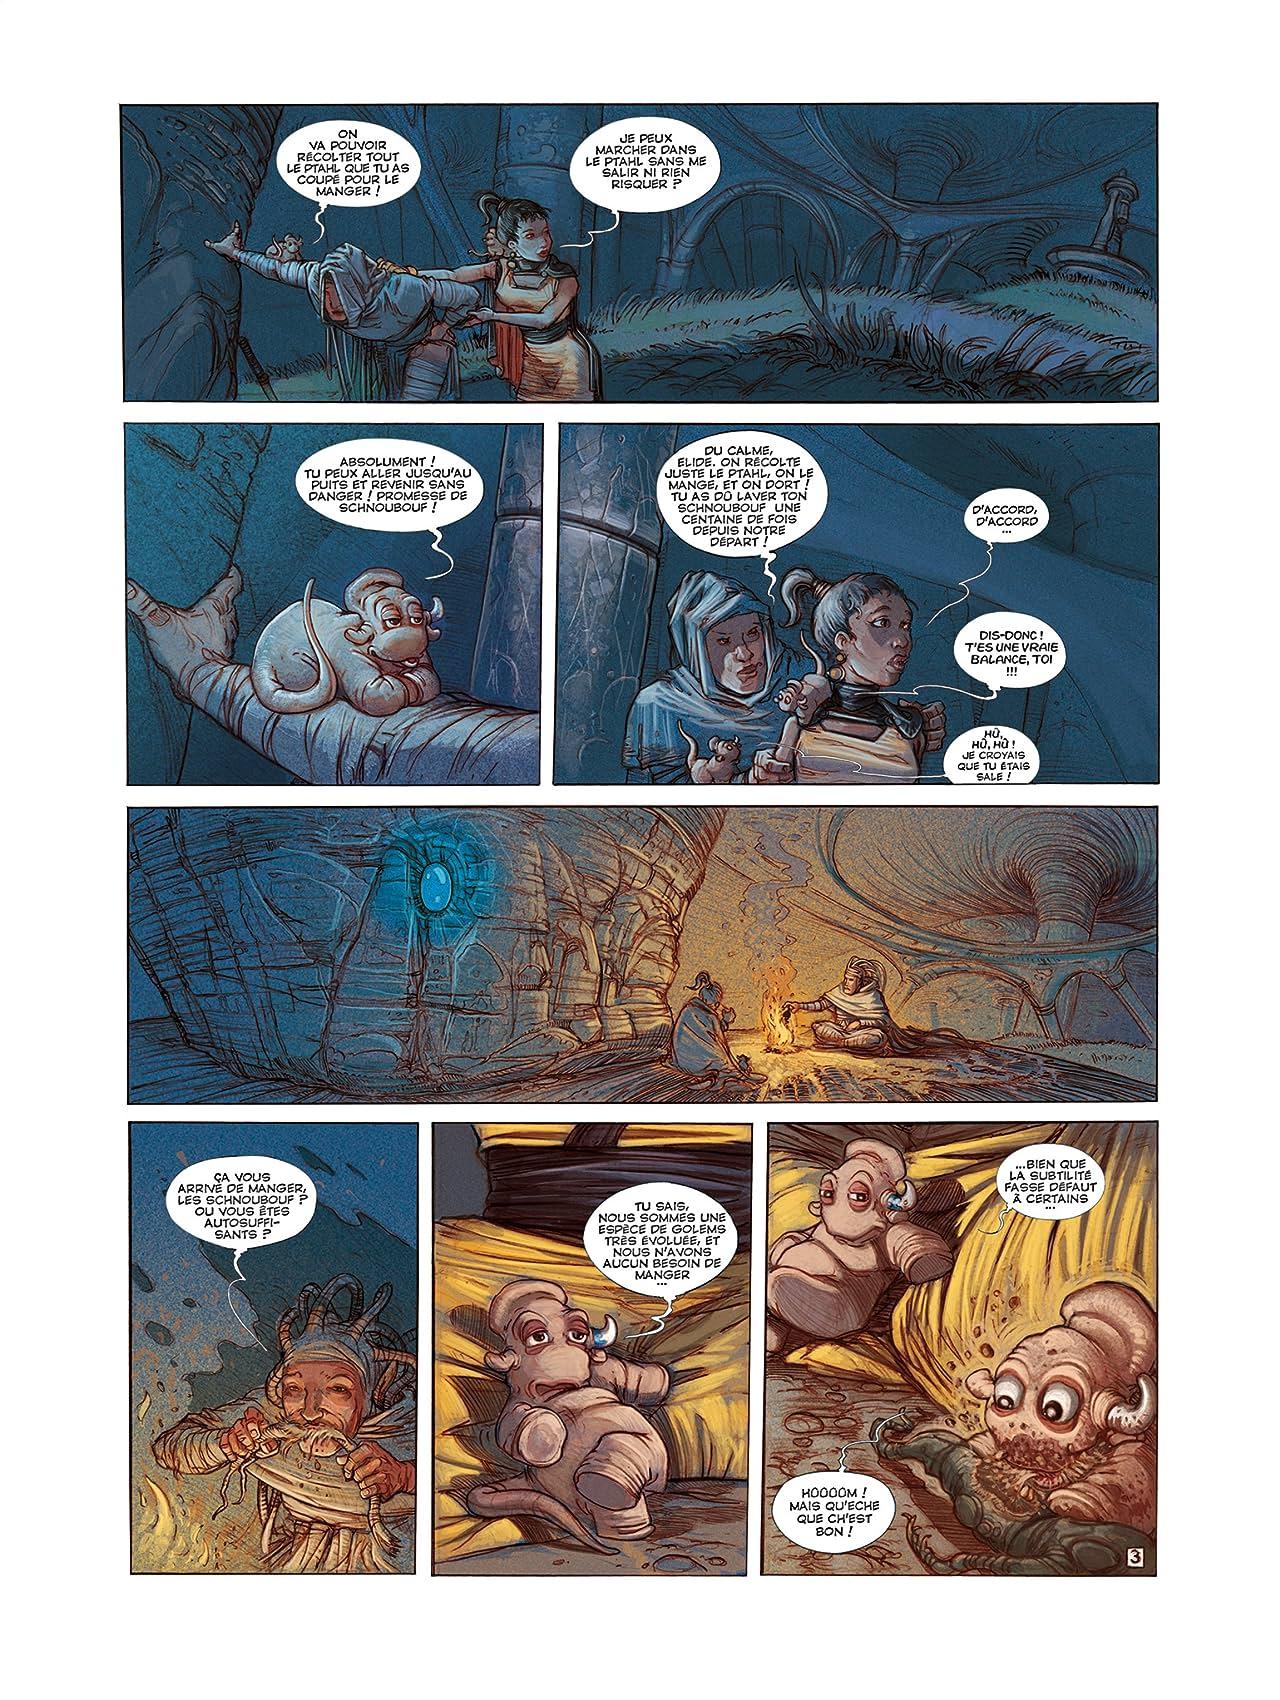 Thorinth Vol. 2: Les Epancheurs de Sogrom